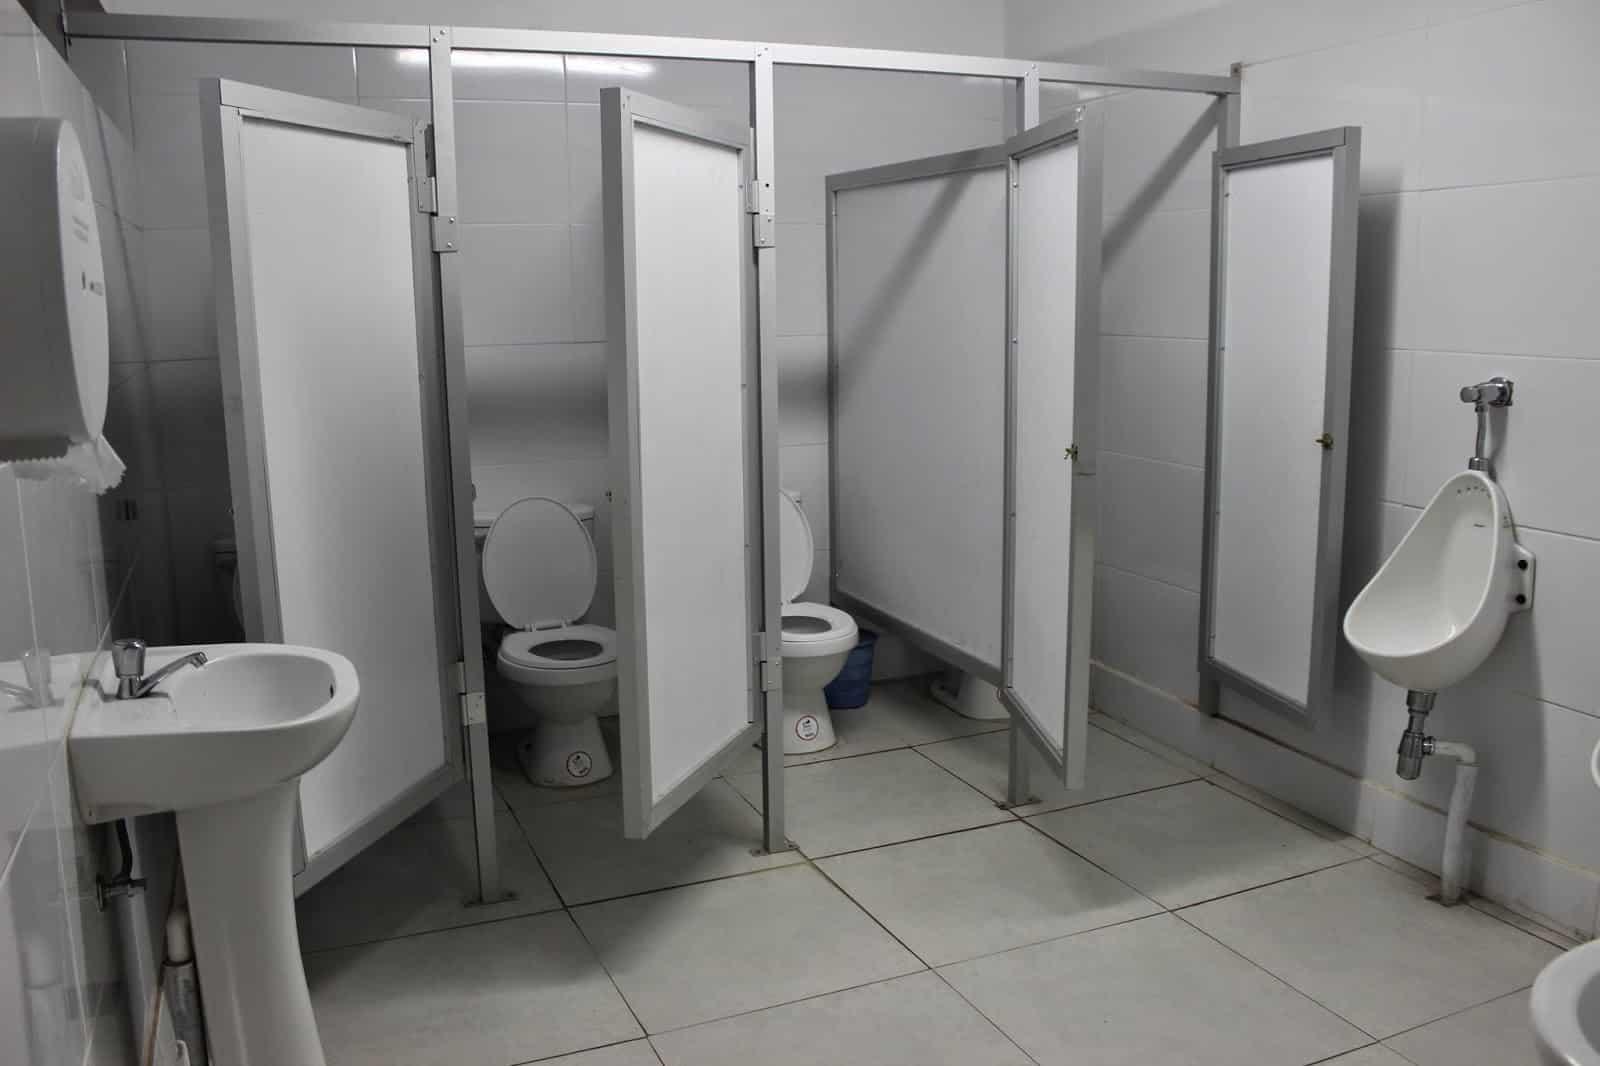 Se habilitó el primer baño unisex en una escuela secundaria del Conurbano